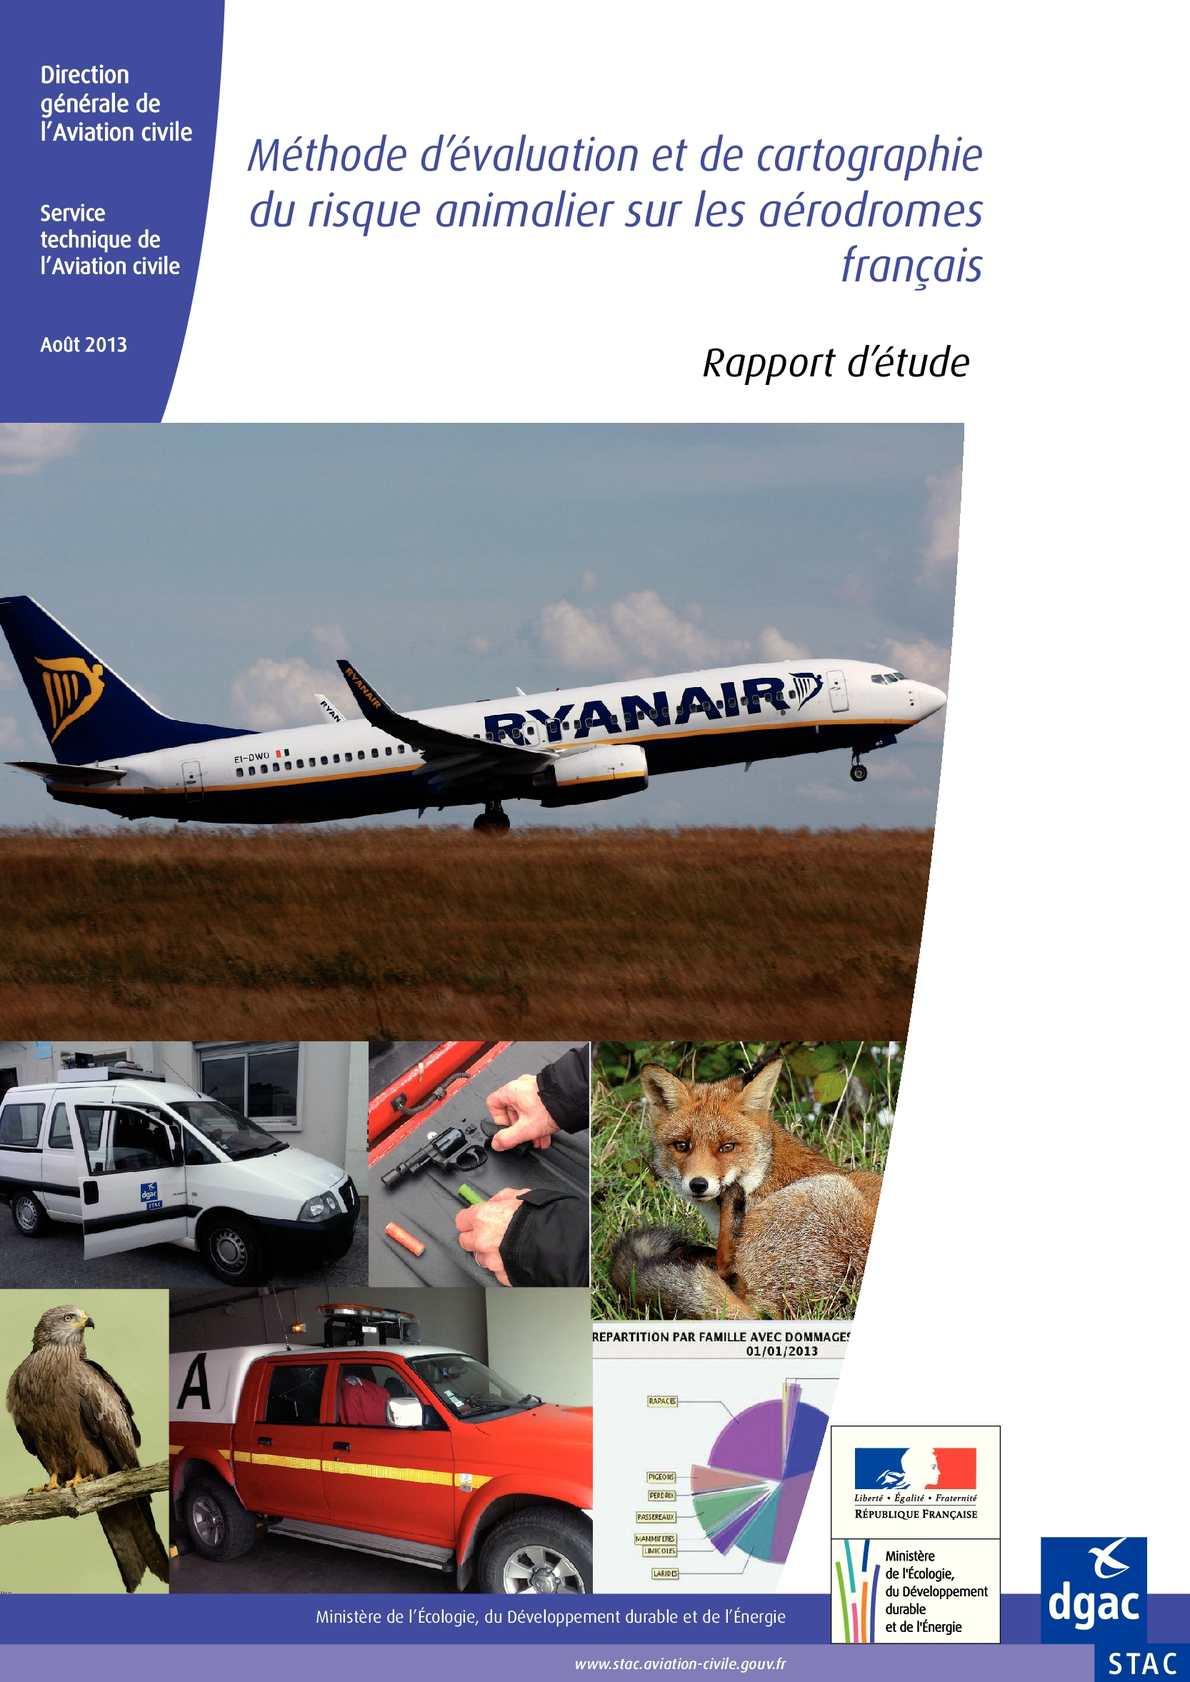 Méthode d'évaluation et de cartographie du risque animalier sur les aérodromes français